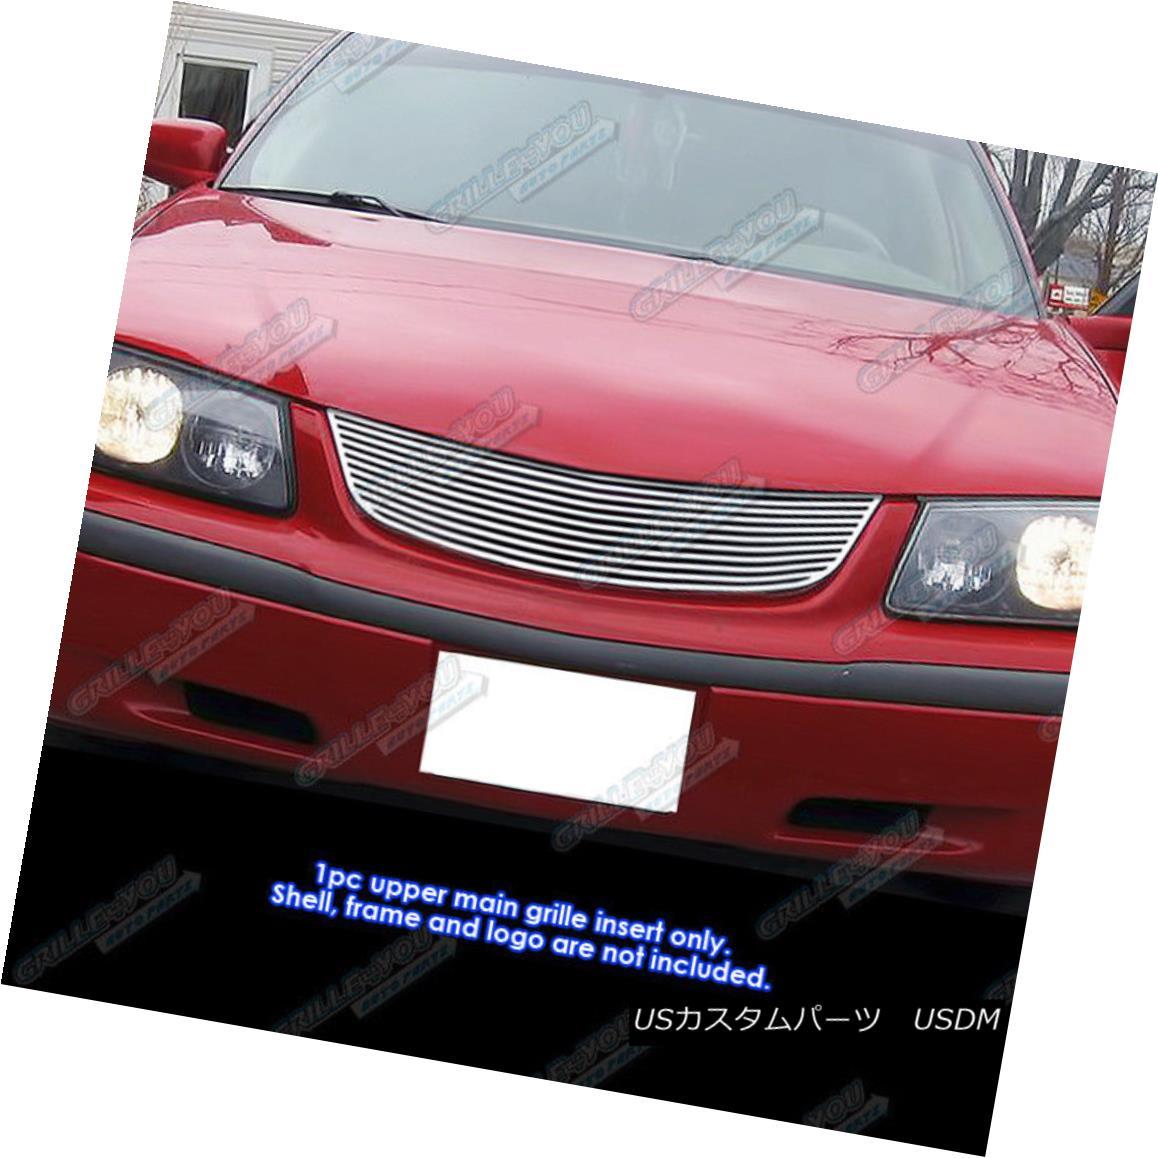 グリル Fits 2000-2005 Chevy Impala Perimeter Grille Insert 2000-2005シボレーインパラペリメーターグリルインサートに適合